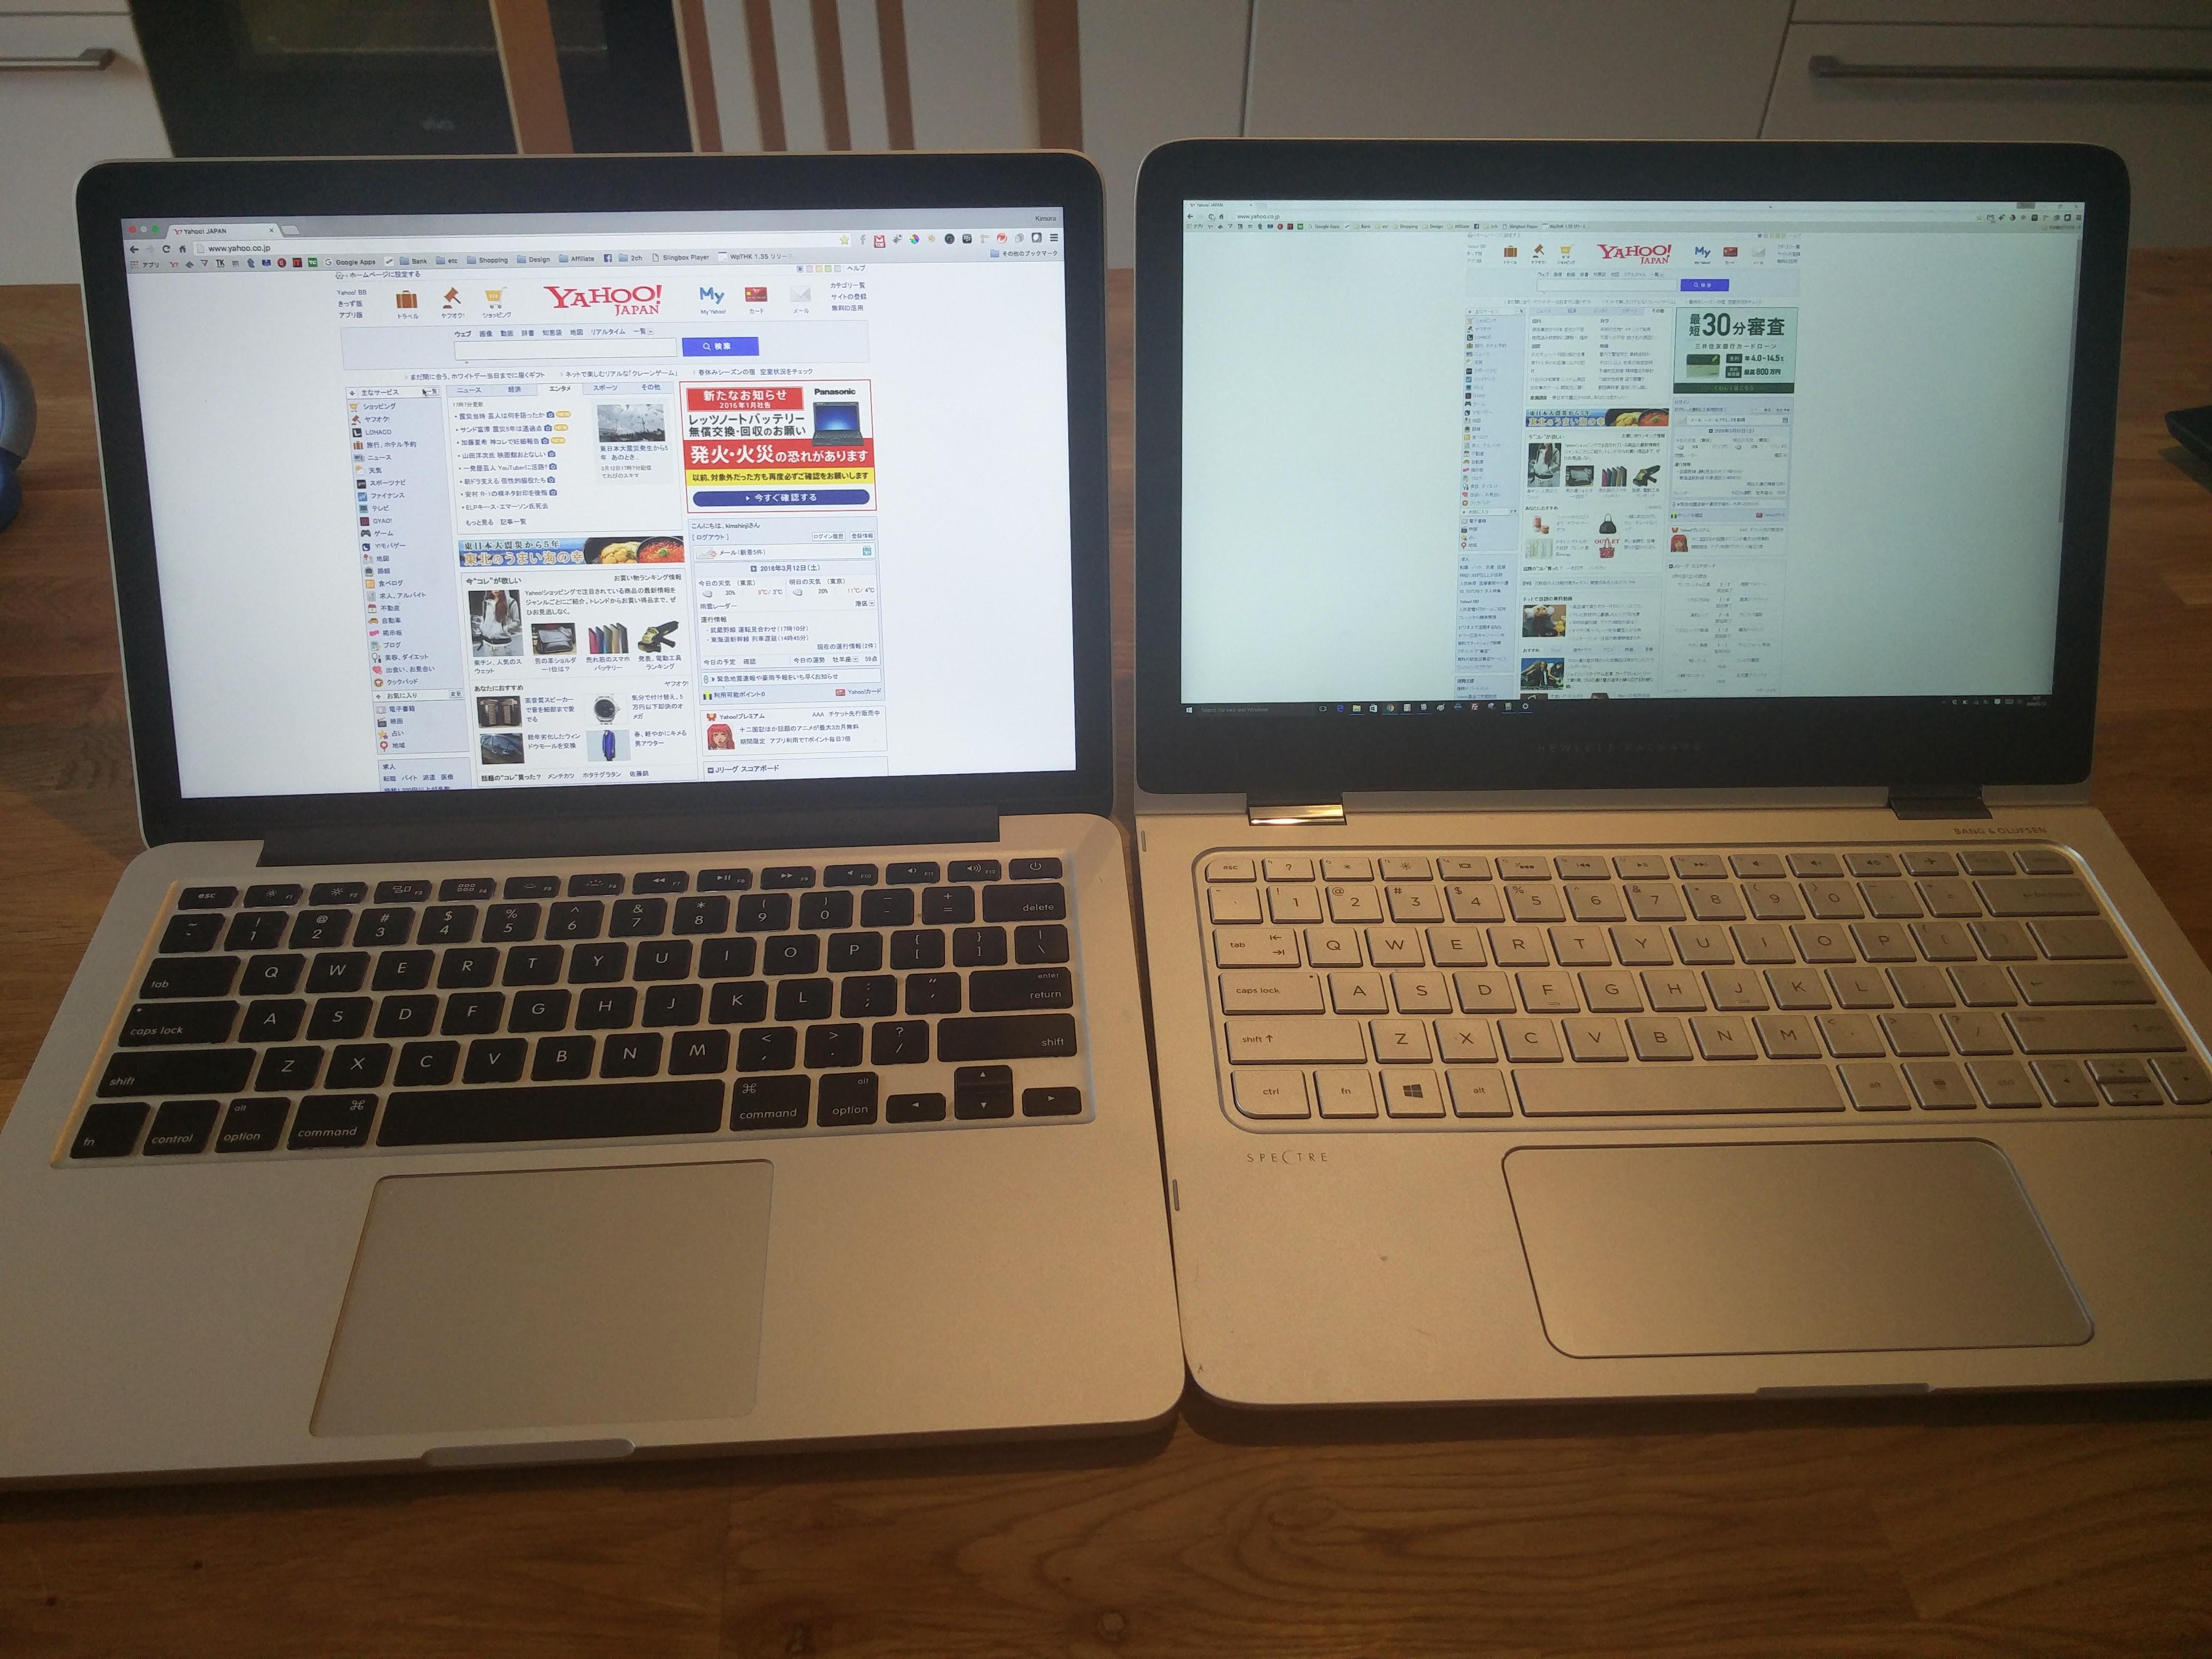 MacBookPro13とSpectre X360 13をそれぞれ解像度最大限にして並べたところ。御覧のとおり、X360が圧勝。でもおっさんであるrakeemにはもはや判読不能なレベルなので実用度は低い。